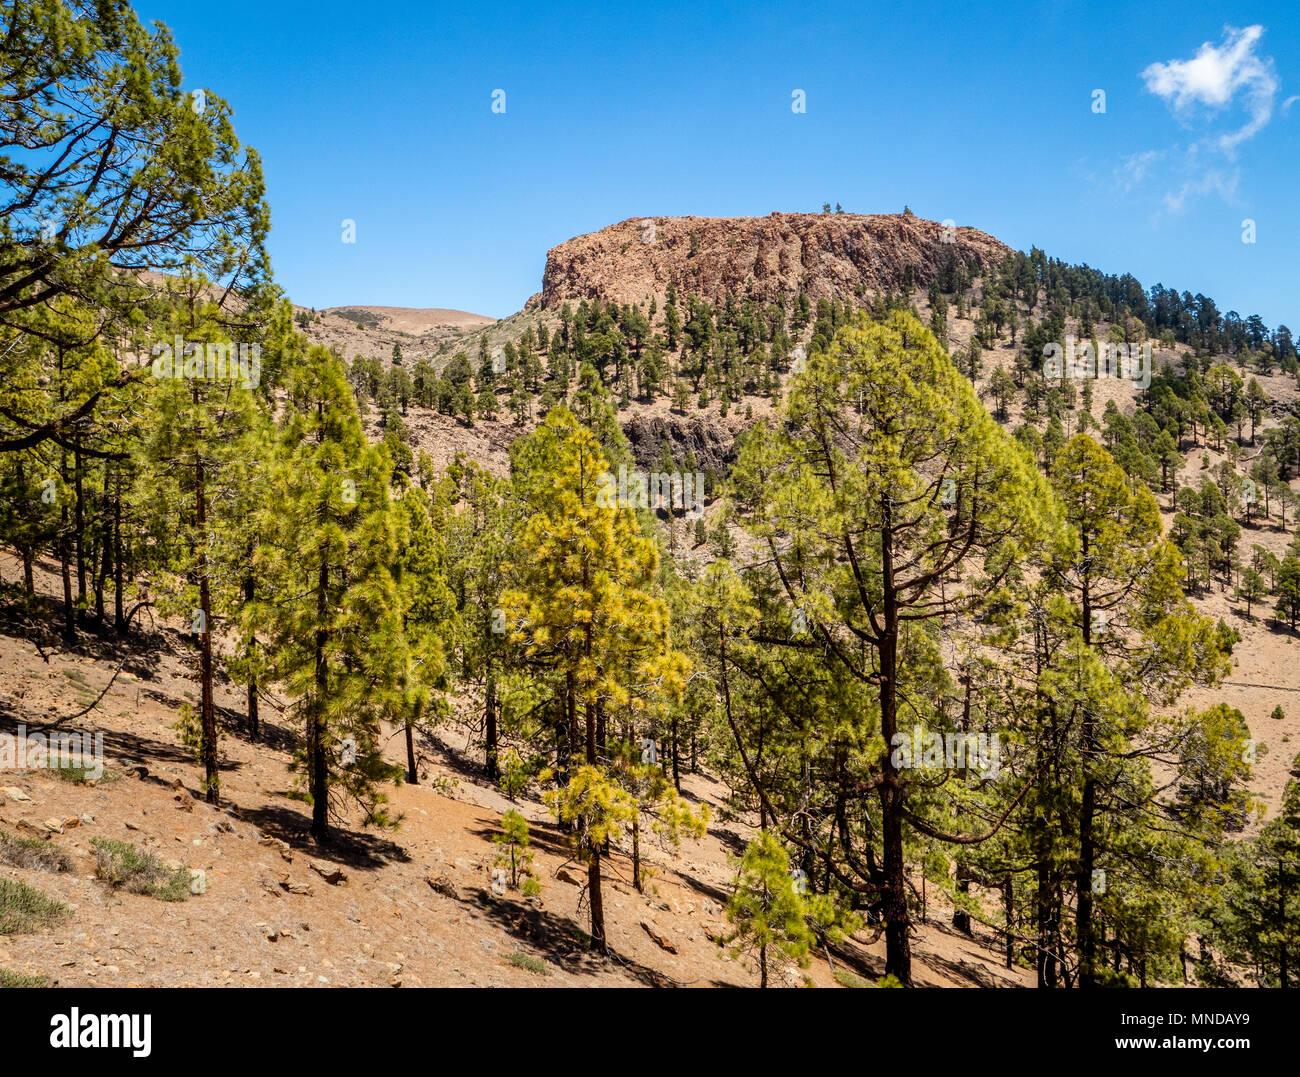 Bosco rado di pini Canarie parte della Corona Forestal attorno alla superficie orlo del cratere del Monte Teide Tenerife nelle isole Canarie Immagini Stock